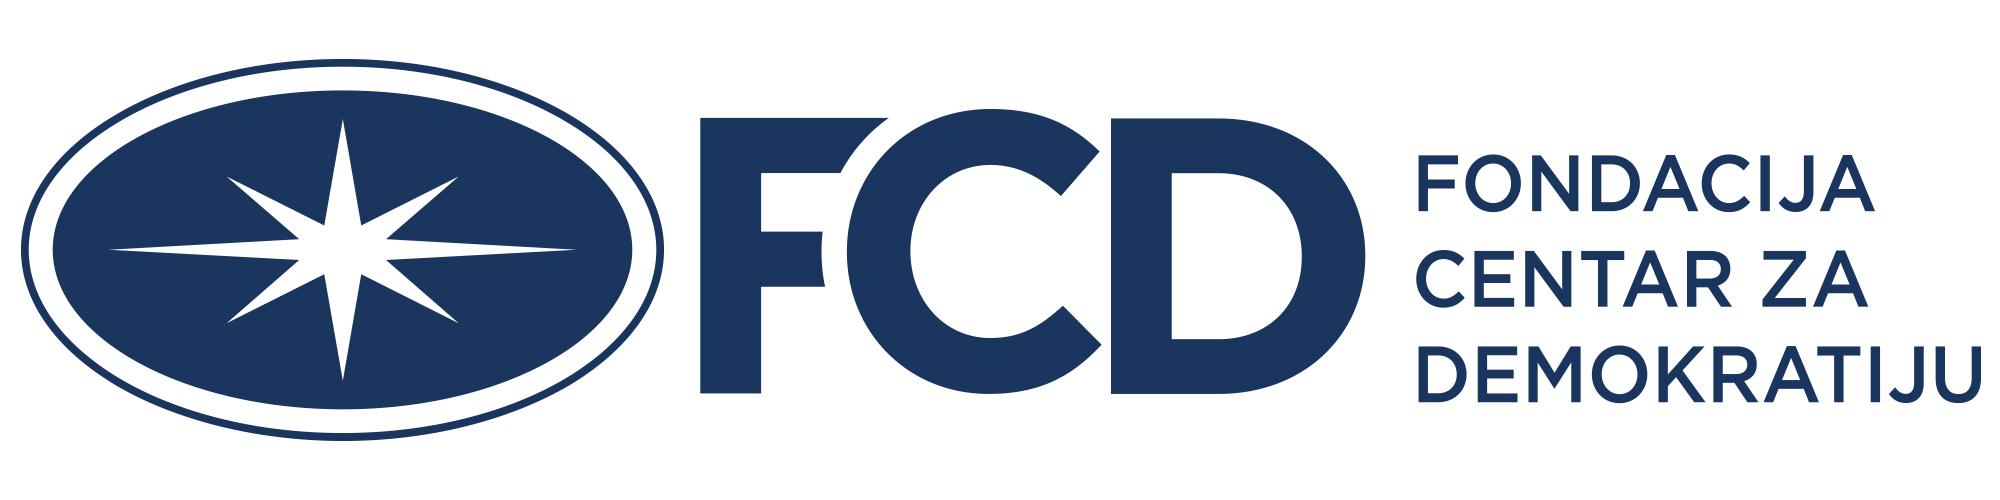 Fondacija Centar za demokratiju